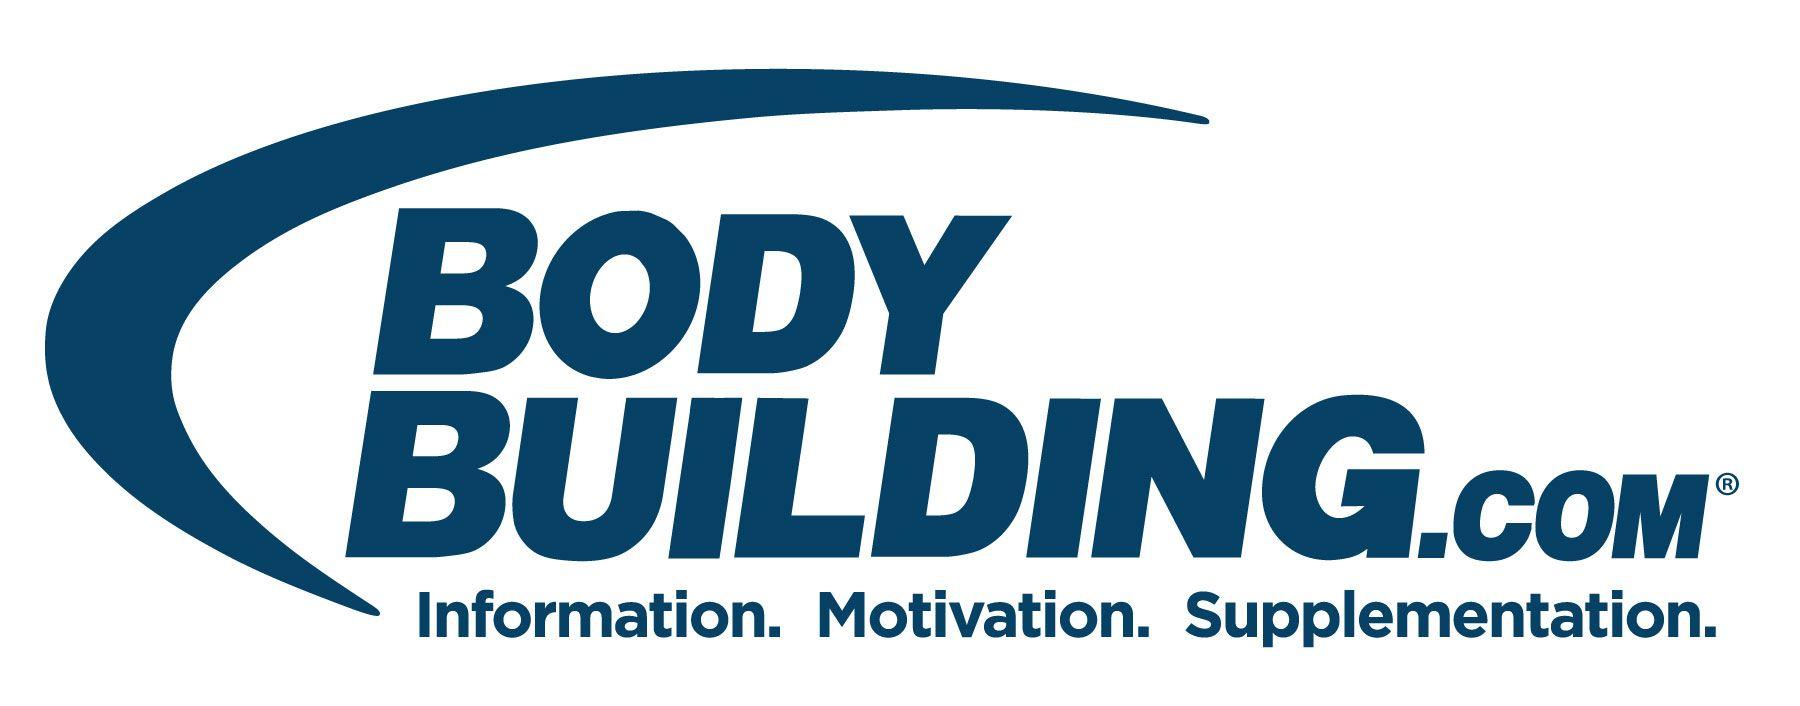 Bodybuilding.com, LLC